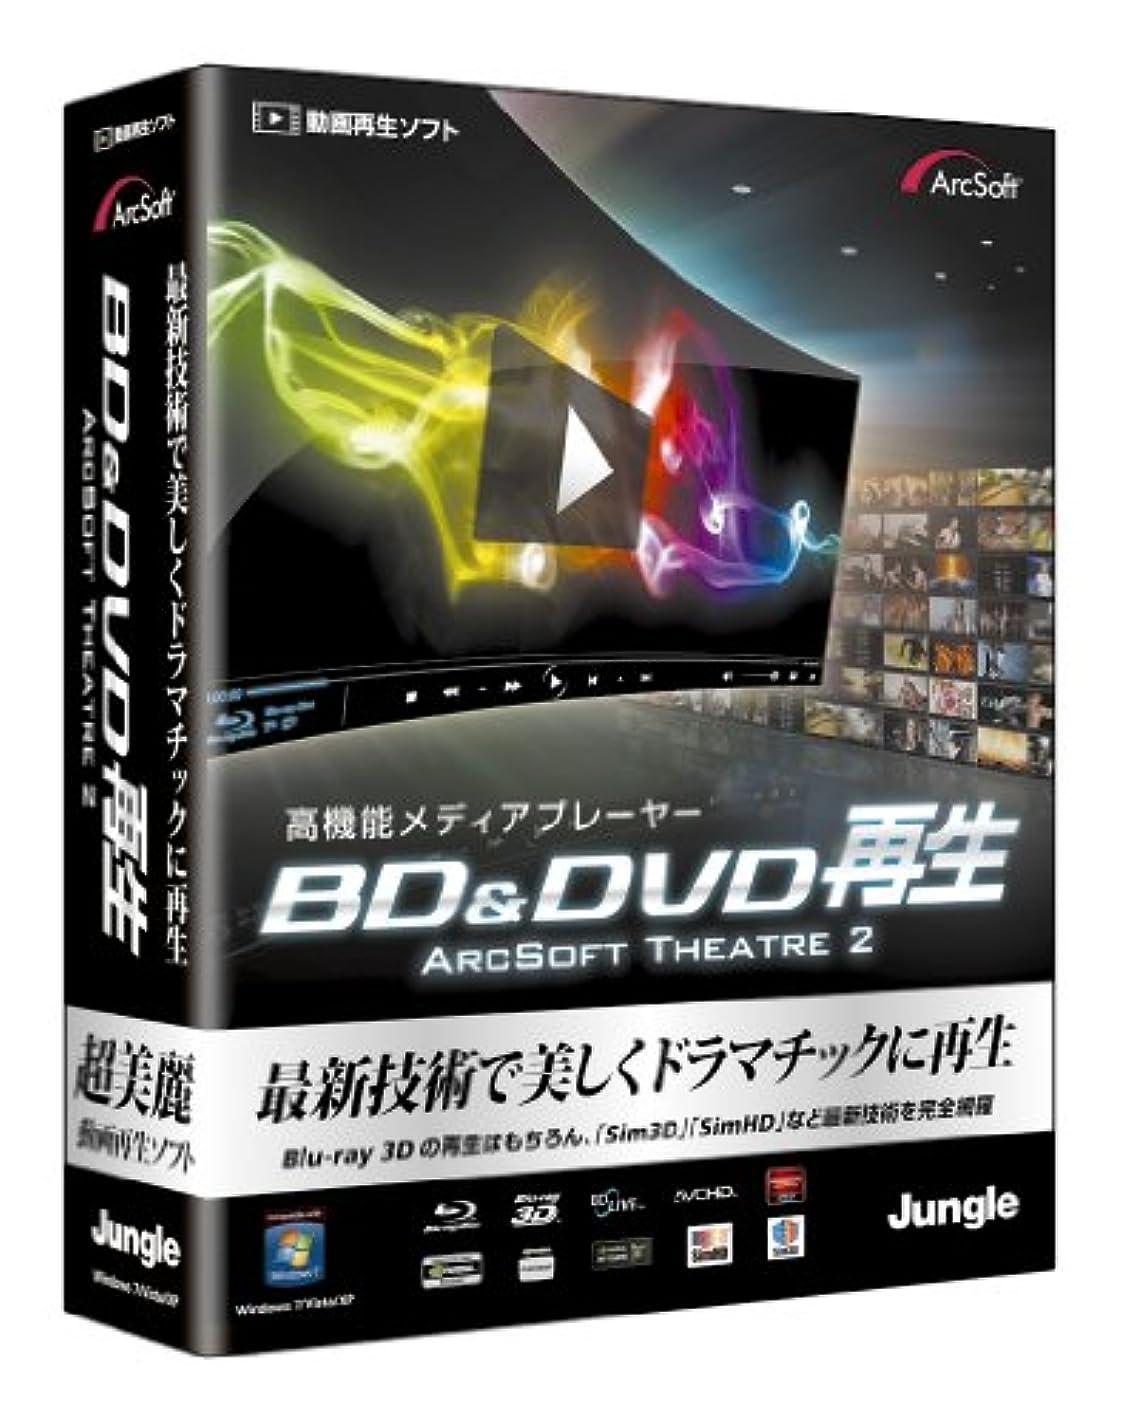 さわやか食用中央BD&DVD 再生 ArcSoft Theatre 2